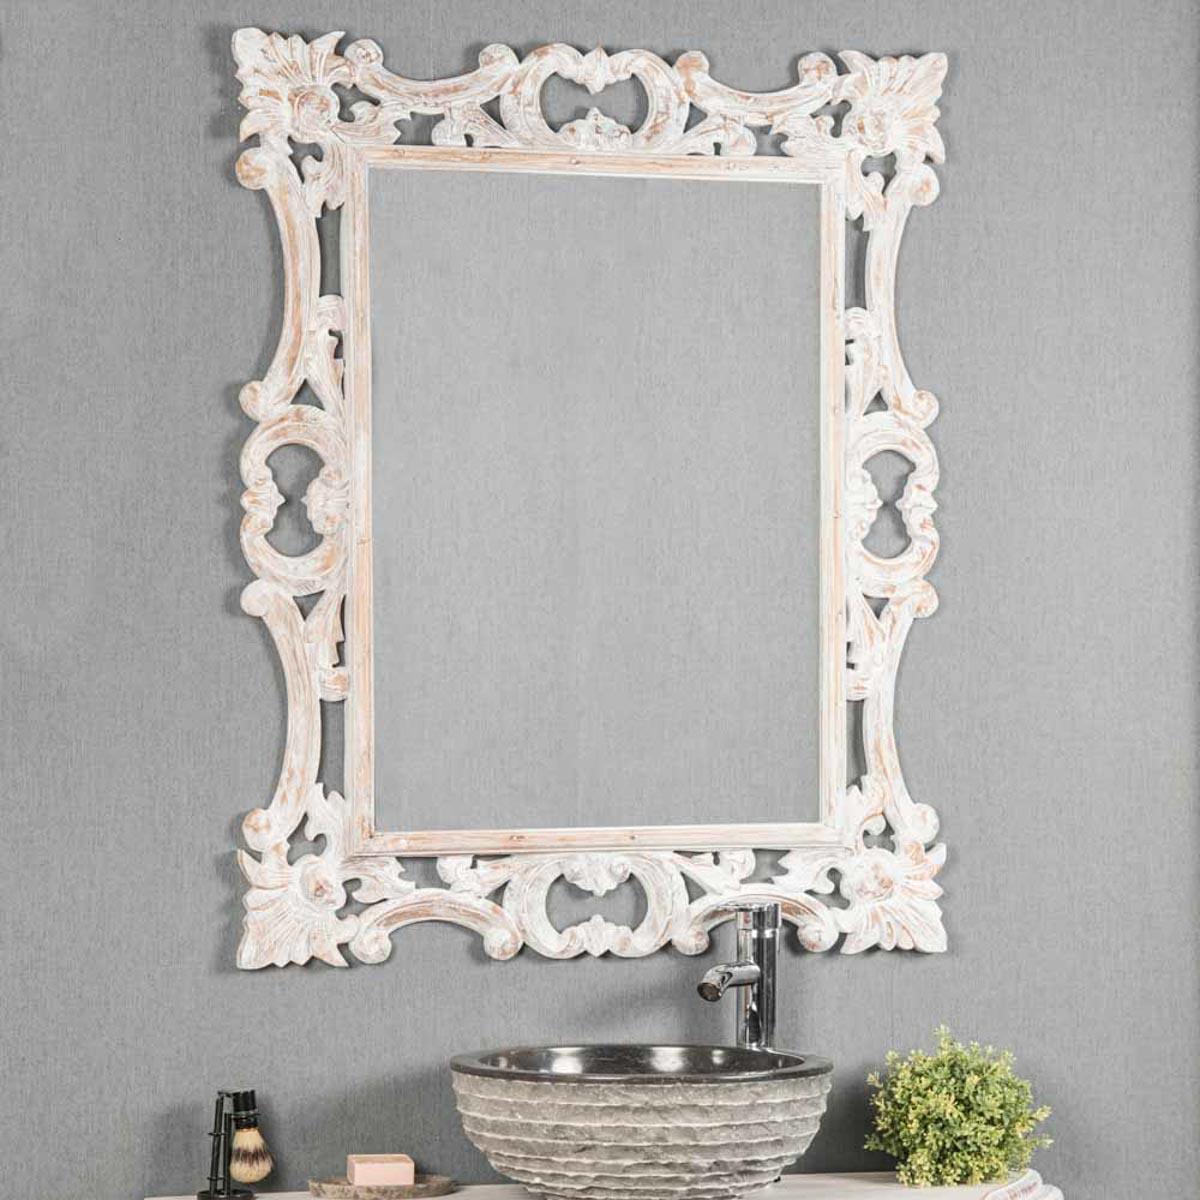 Miroir de d coration en bois massif baroque for Decoration miroir